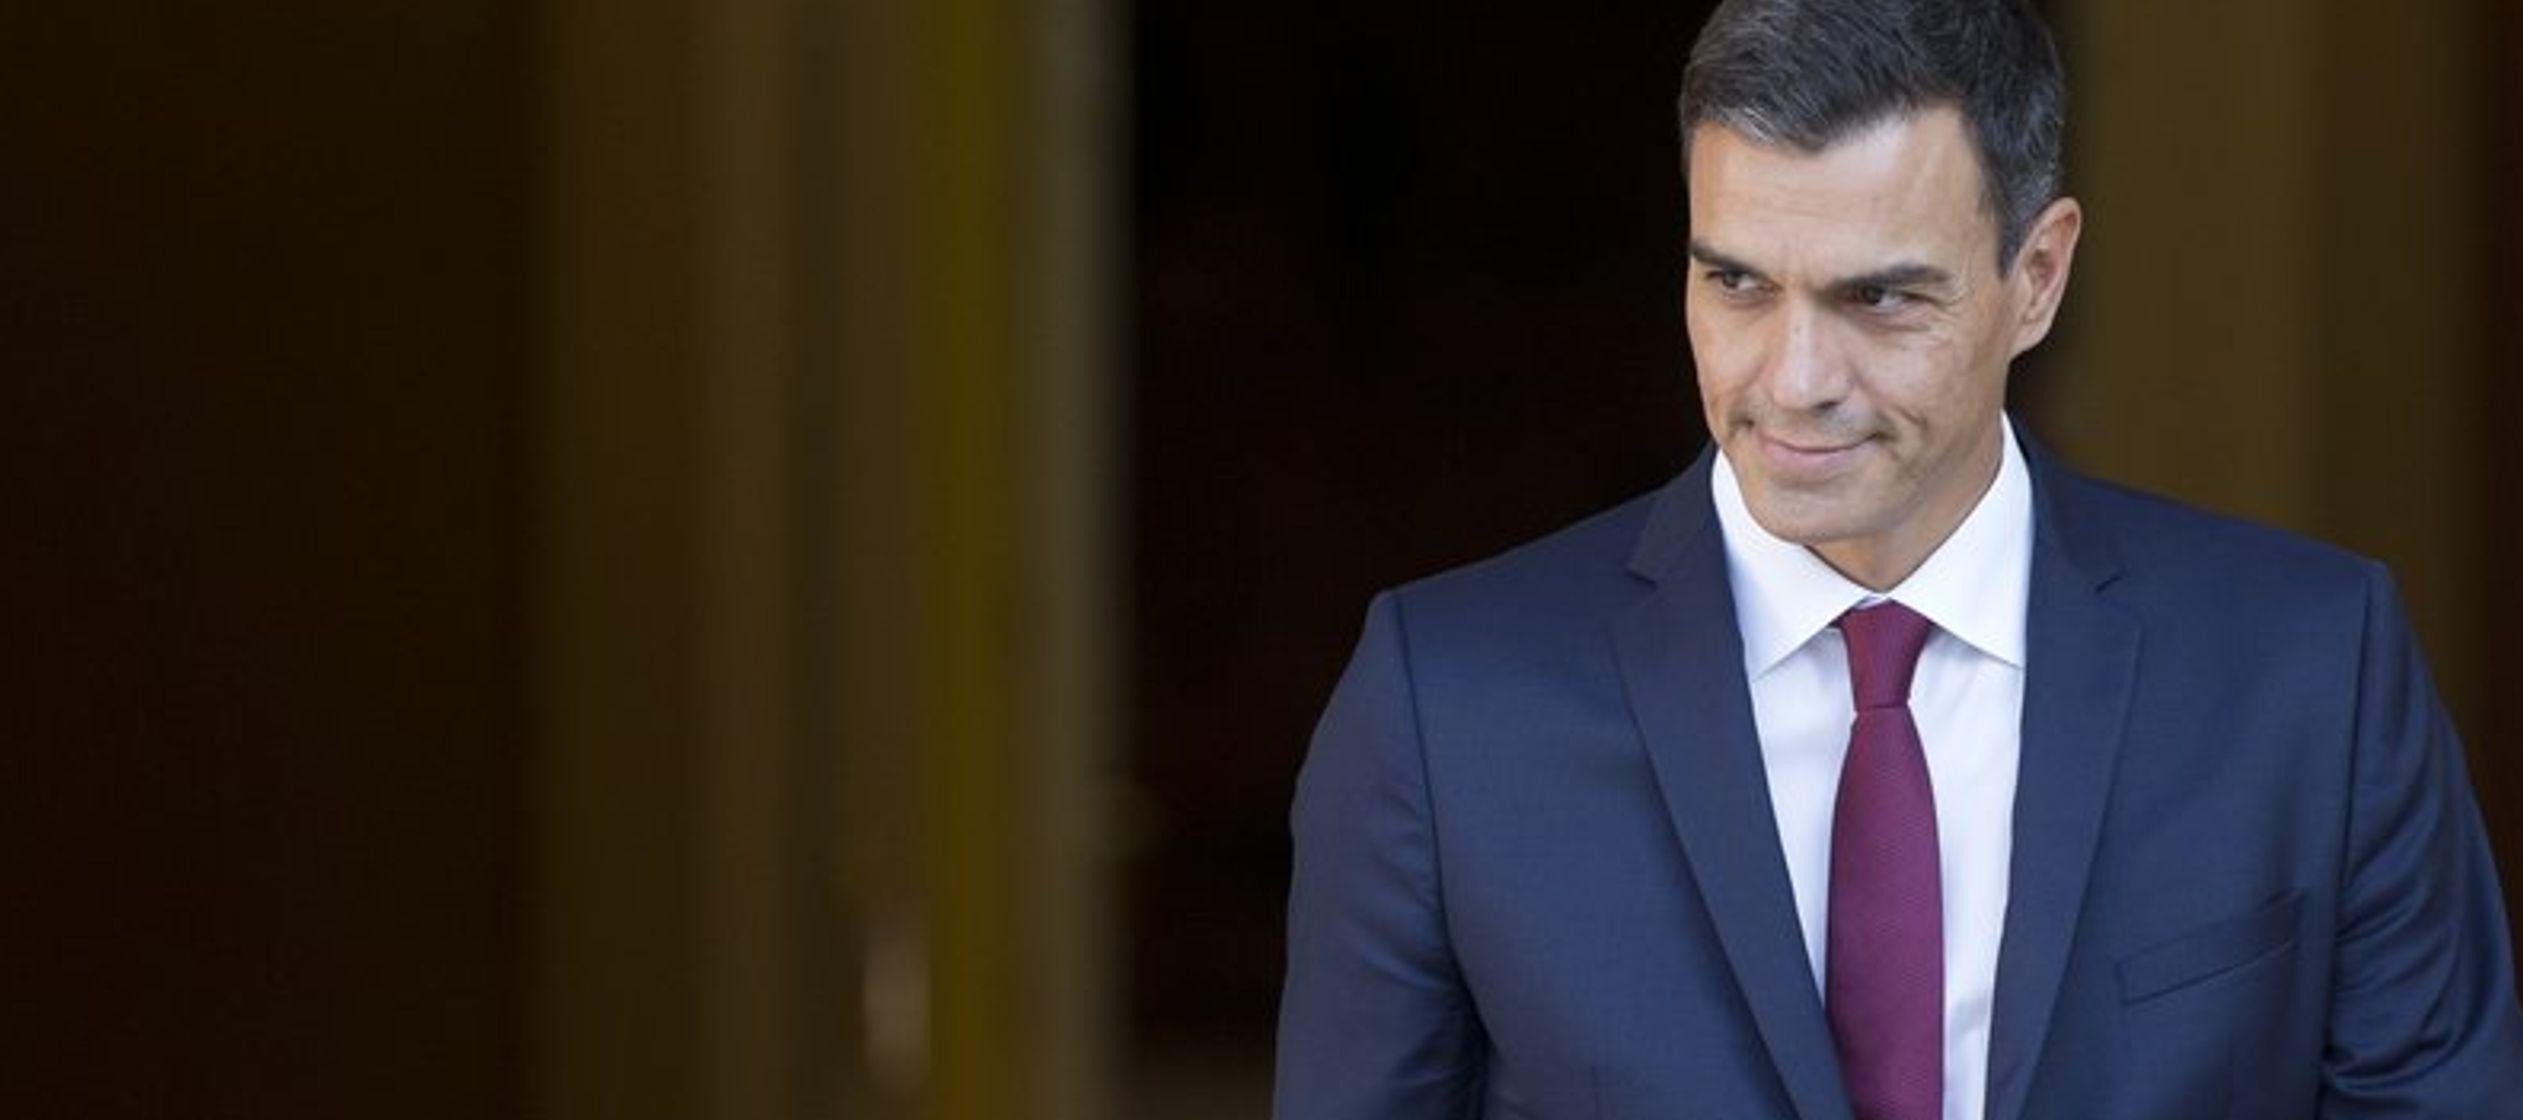 El socialista Pedro Sánchez dijo el jueves a través de Facebook que considera que las...